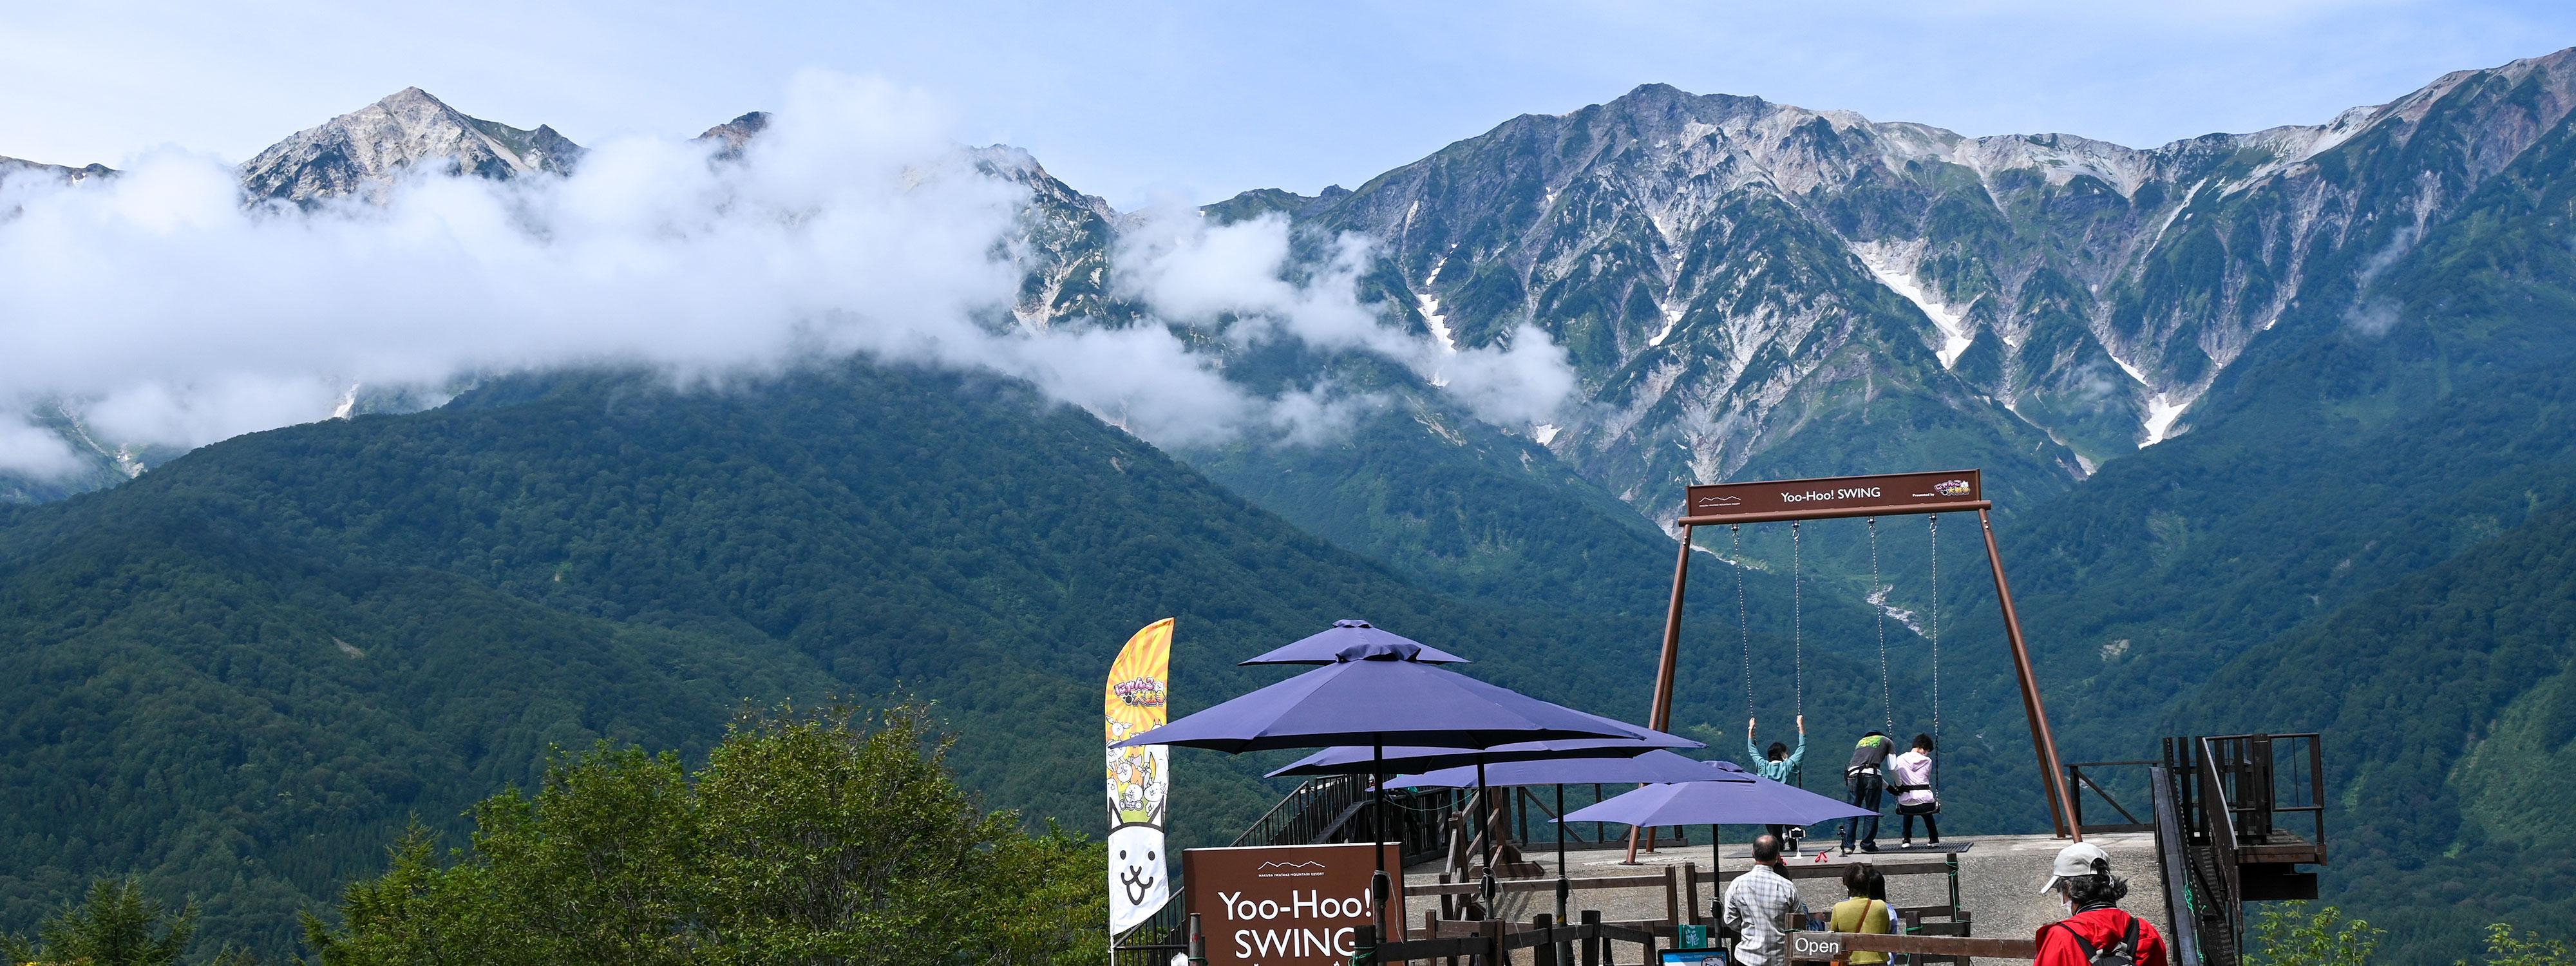 2021/08/12【岩岳のブランコ】